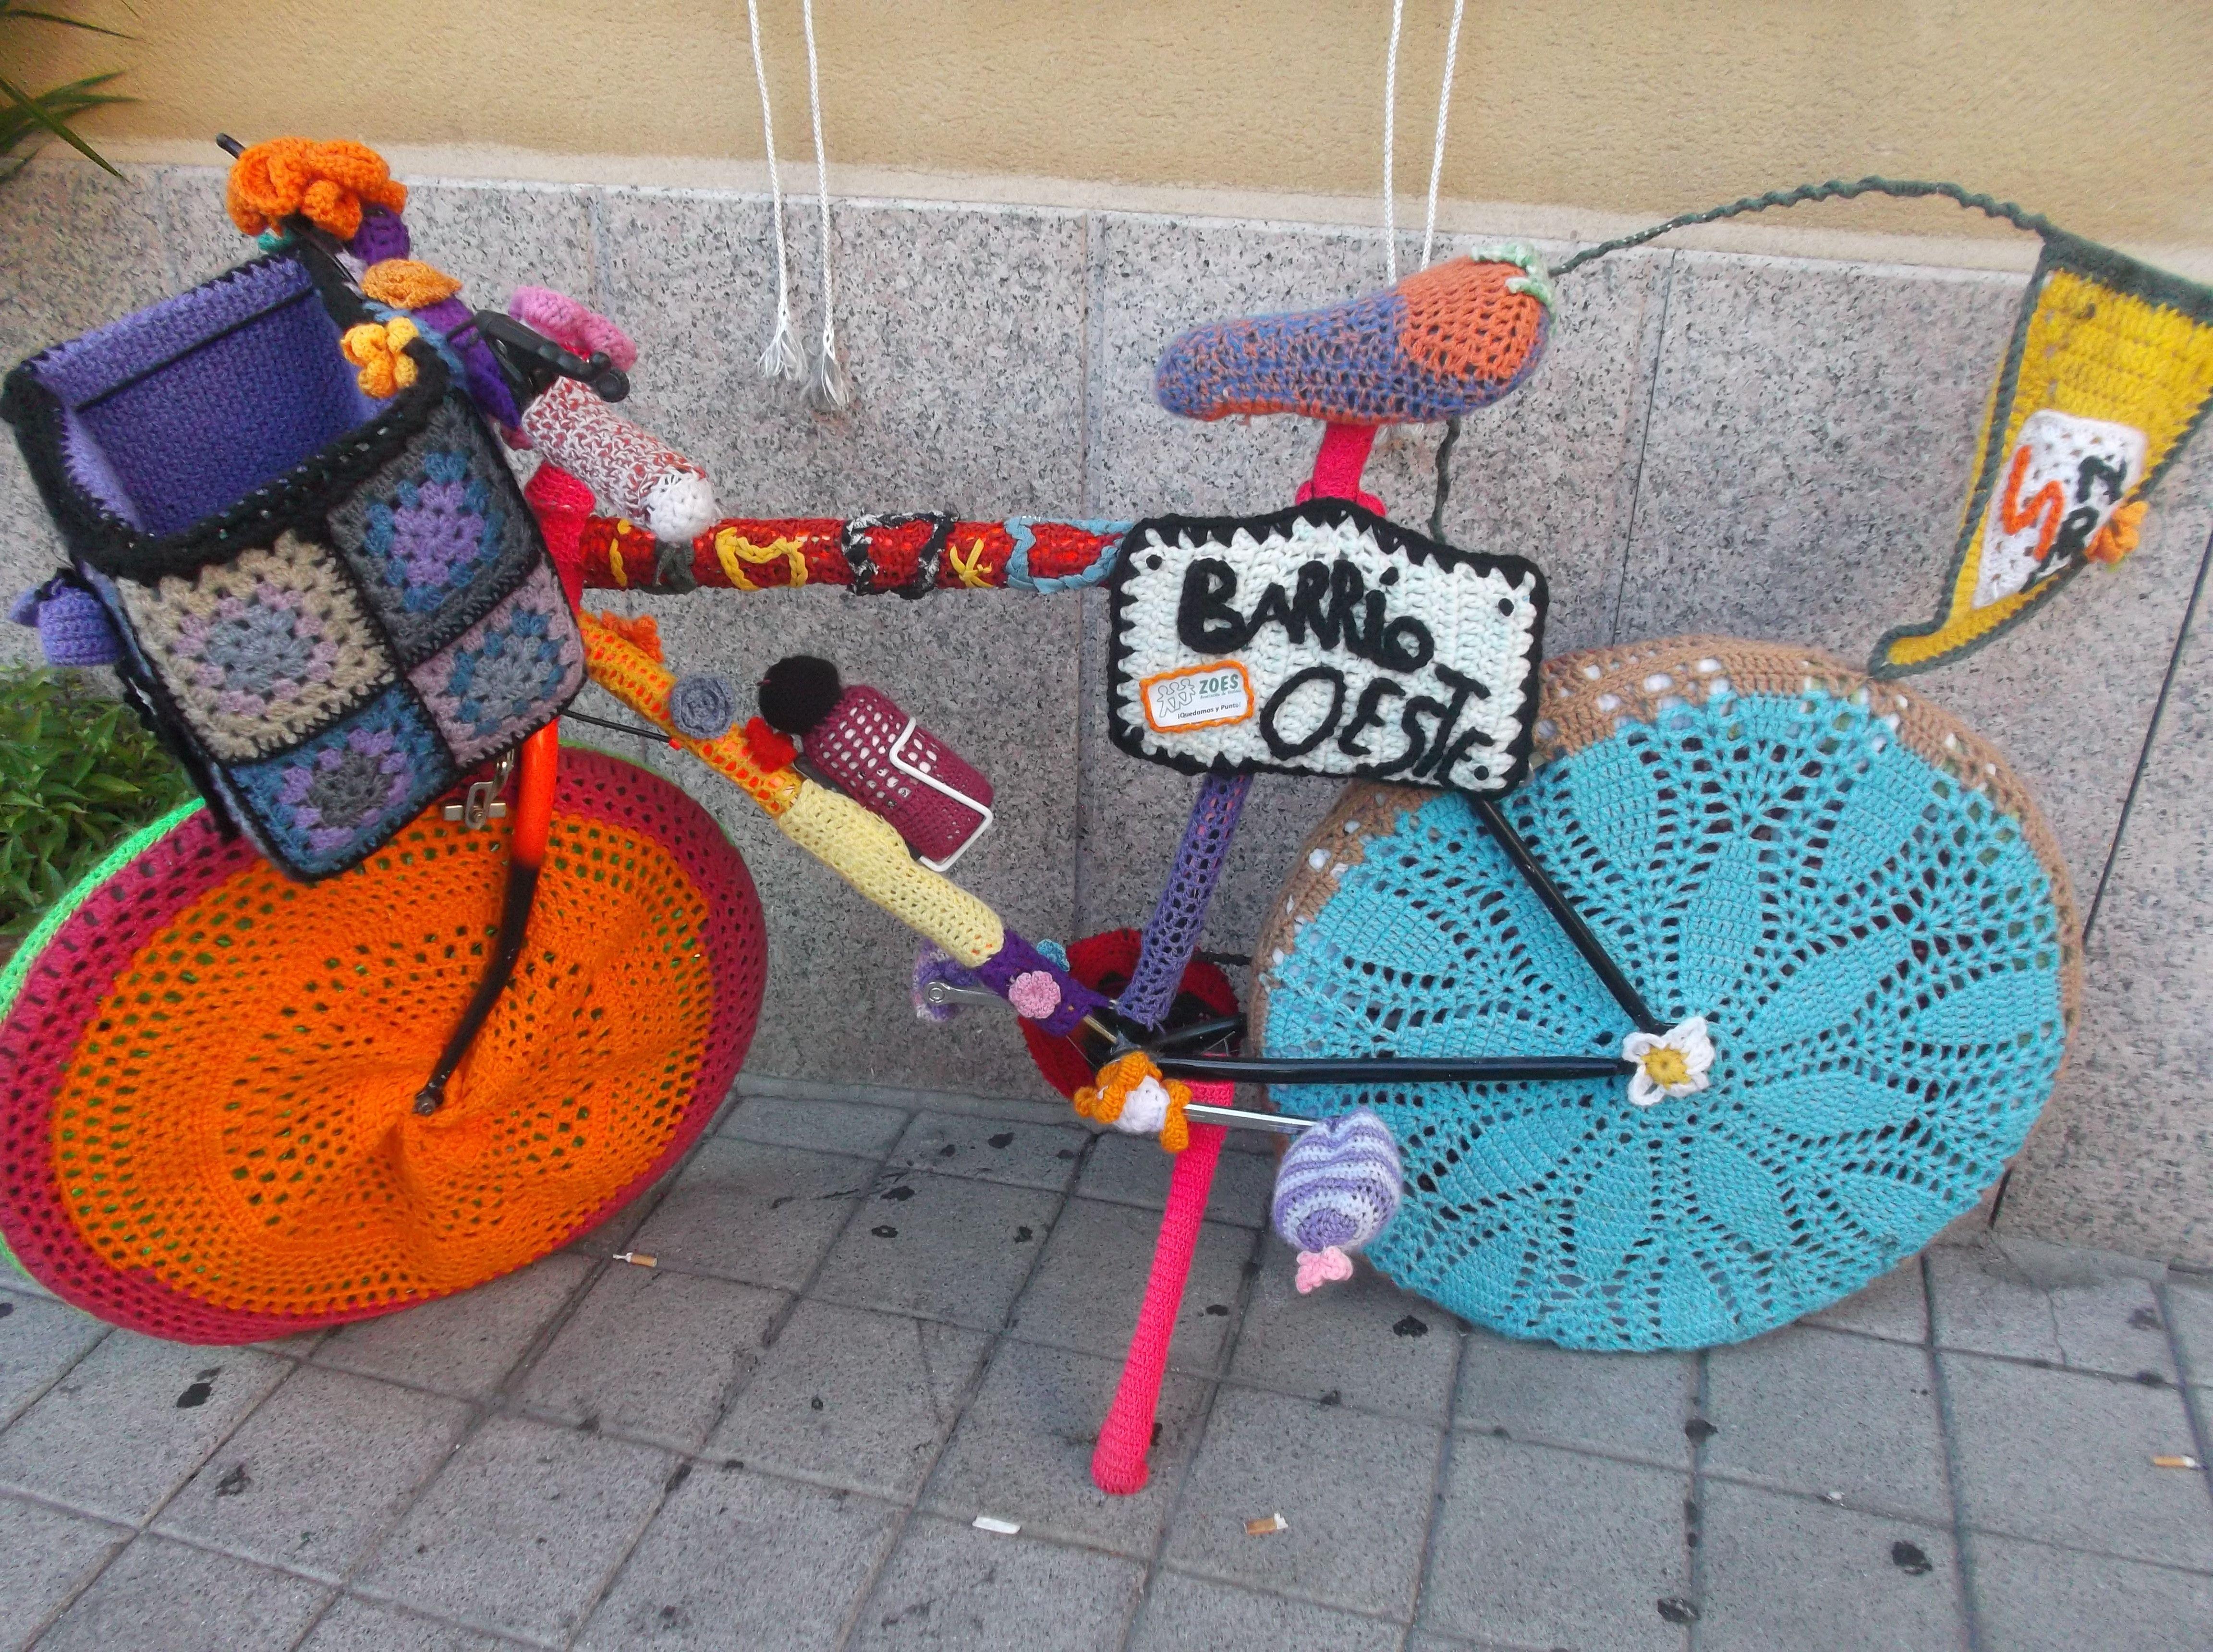 Una bonita bicicleta forrada toda a apunto.